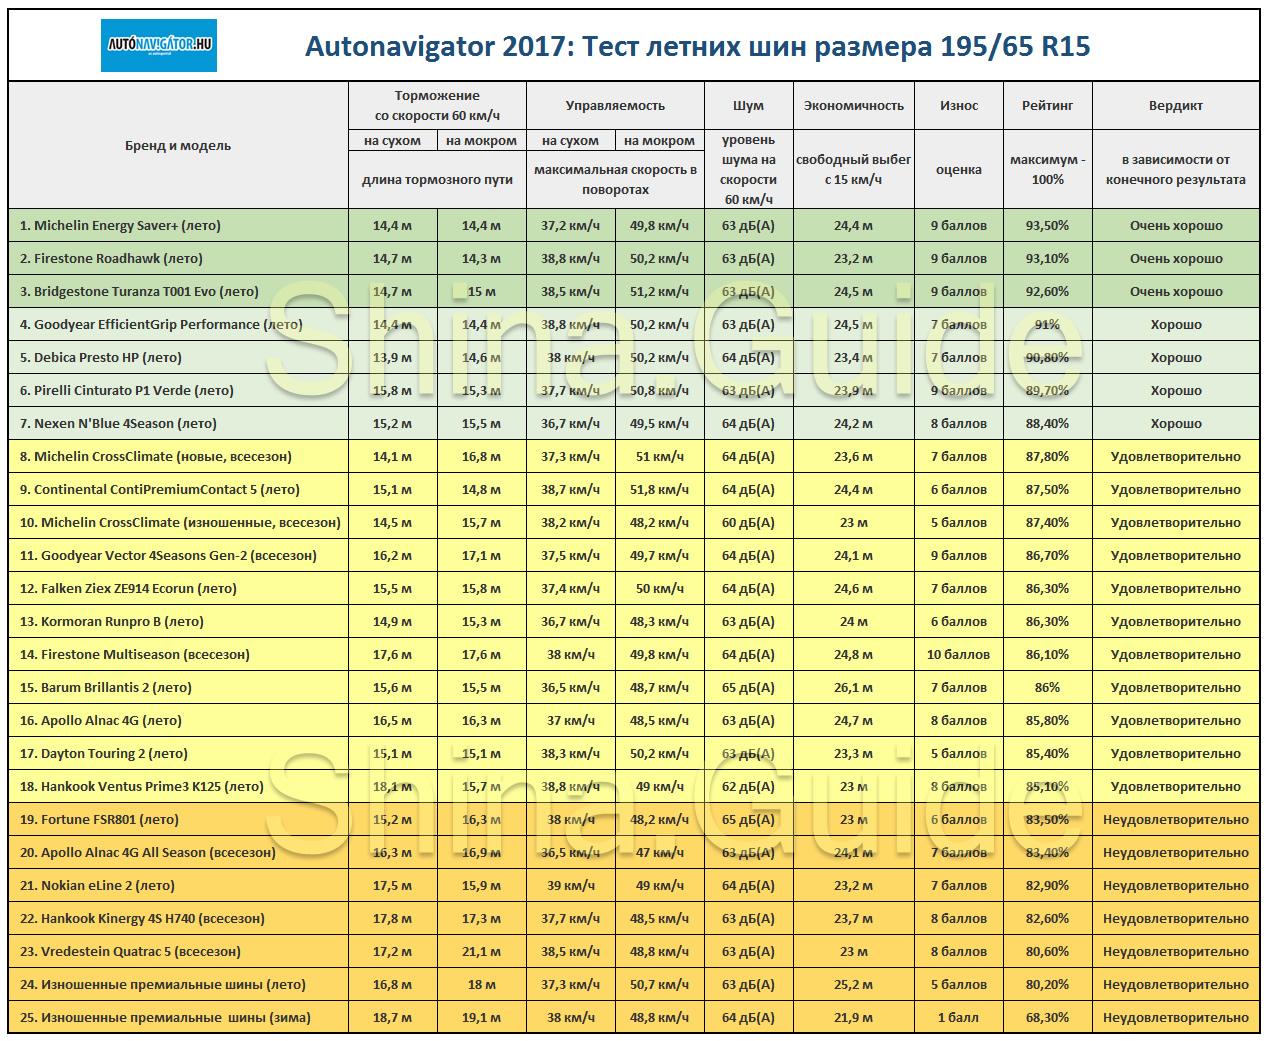 Сводная таблица результатов летнего теста от венгерского Autonavigator, 2017